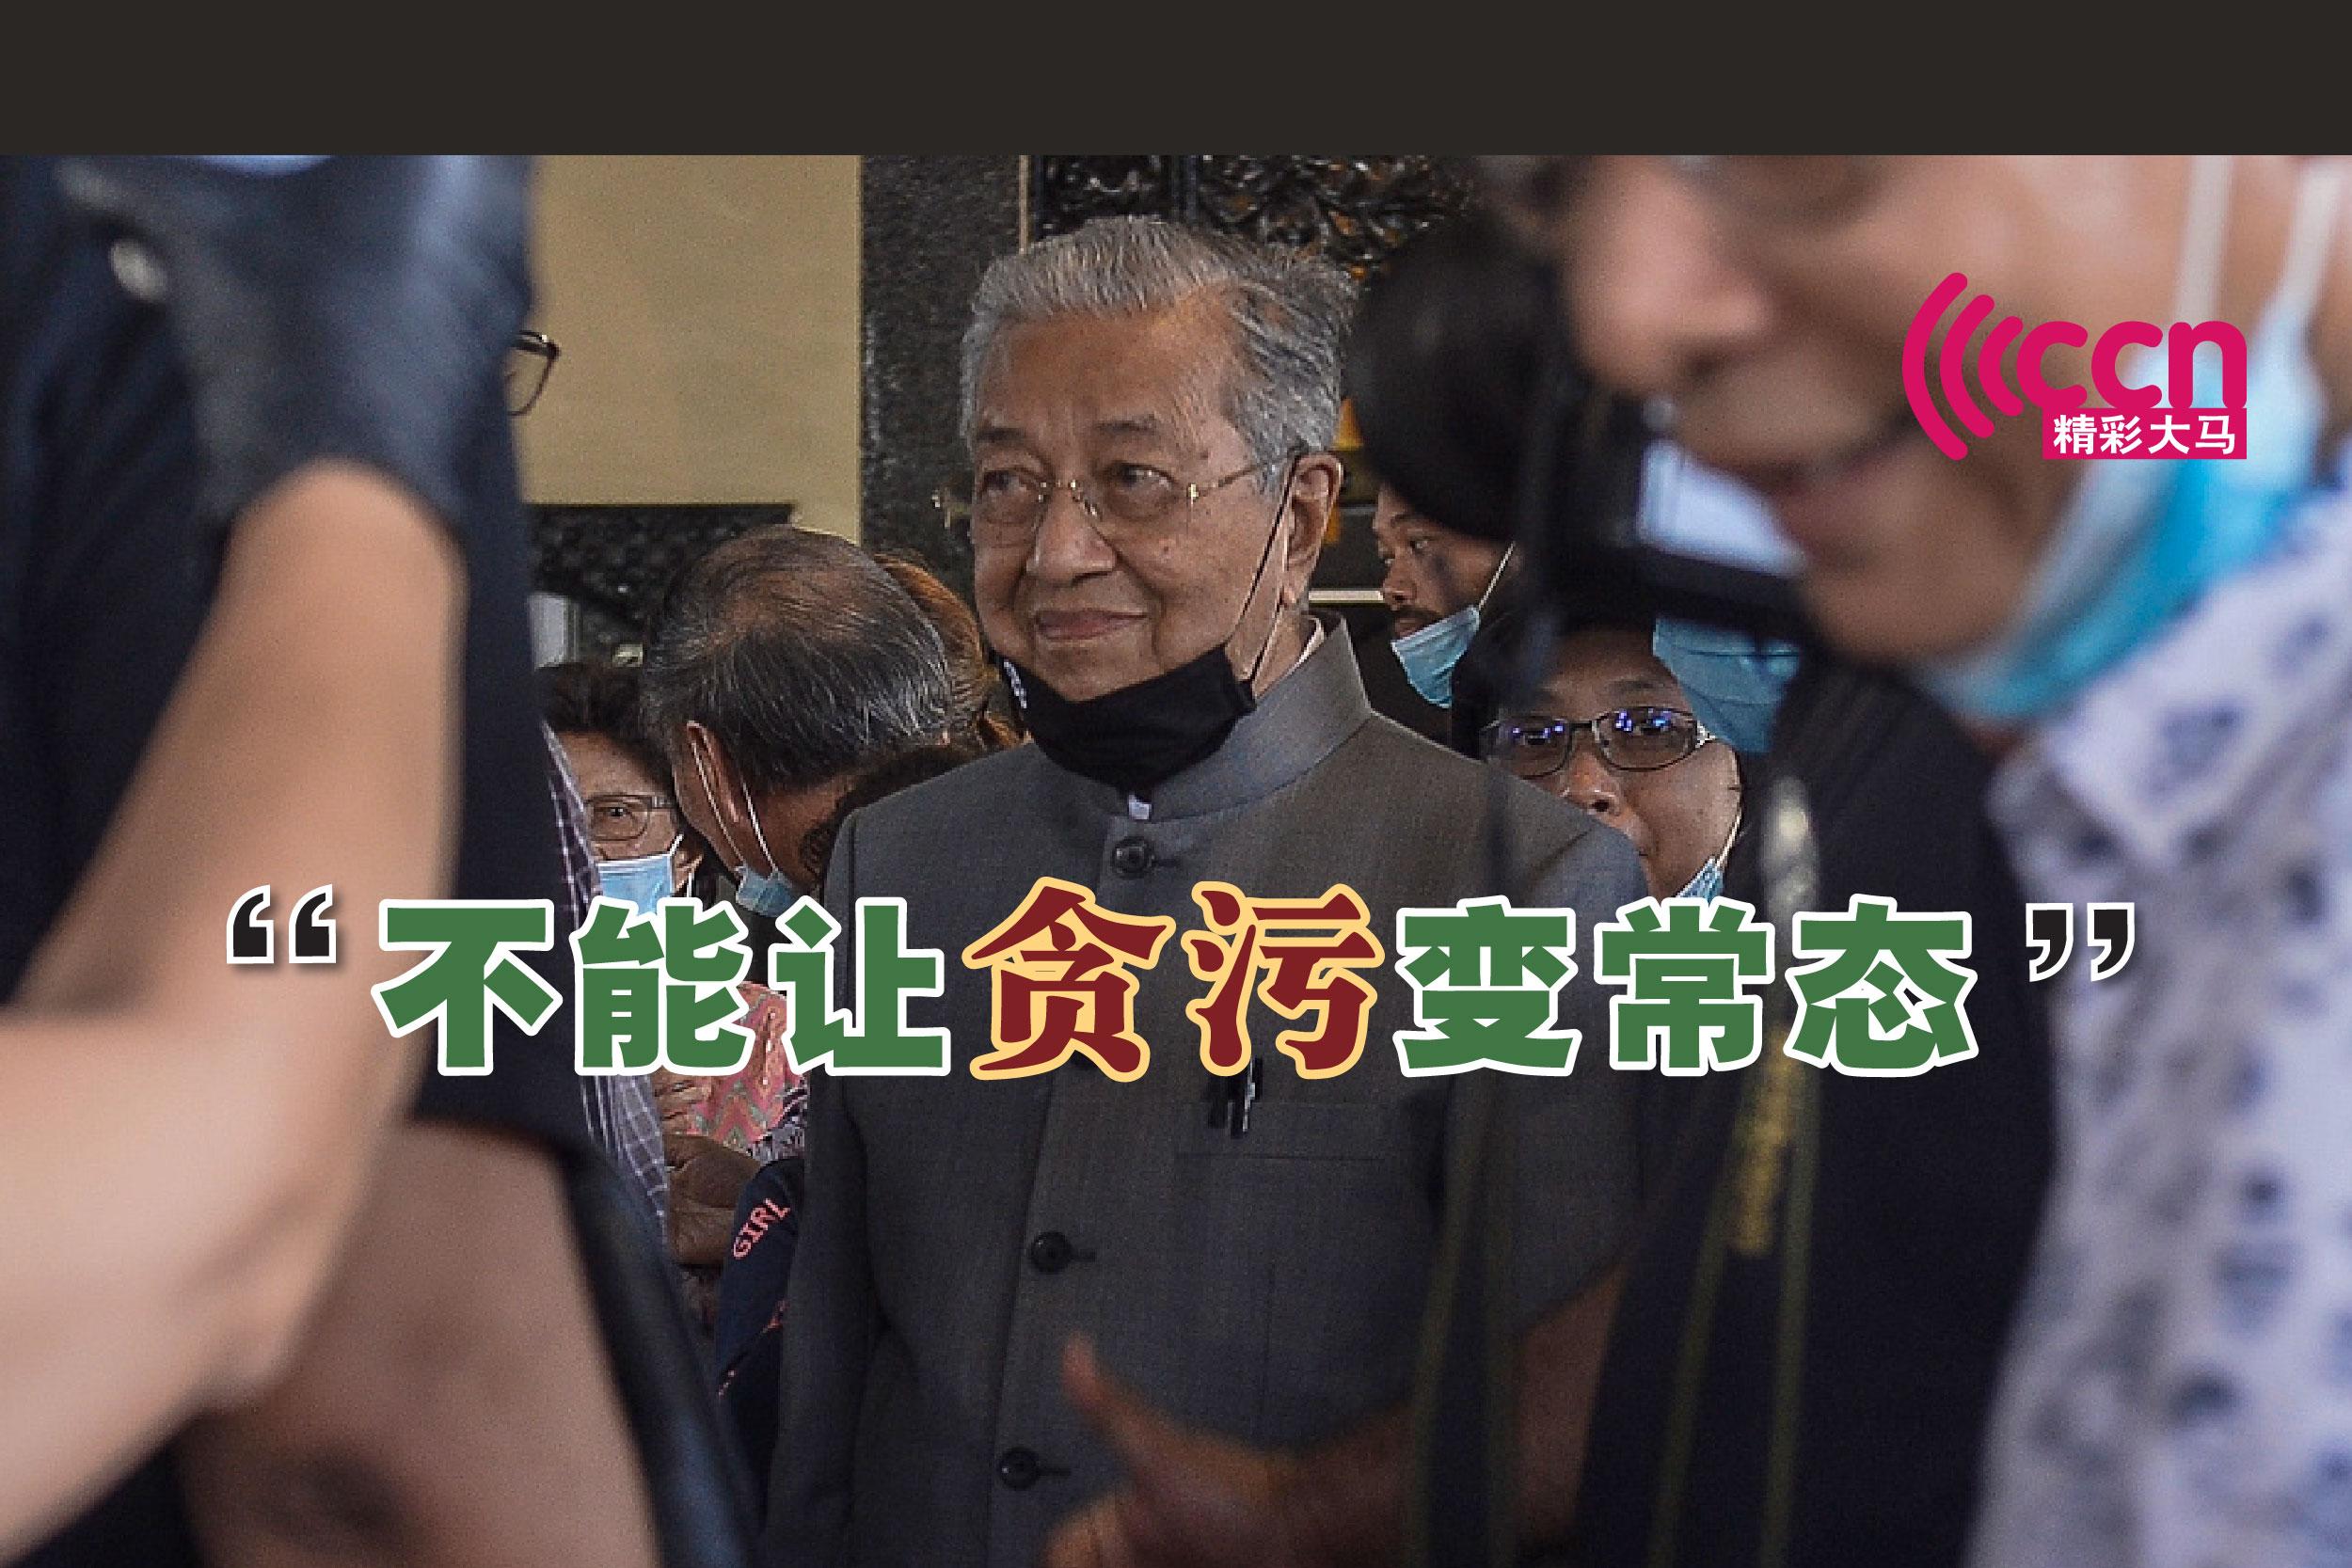 马哈迪表示,人们不能轻视贪污罪行,因为久而久之,这将成为社会常态,进一步破坏国家的发展。-精彩大马制图-